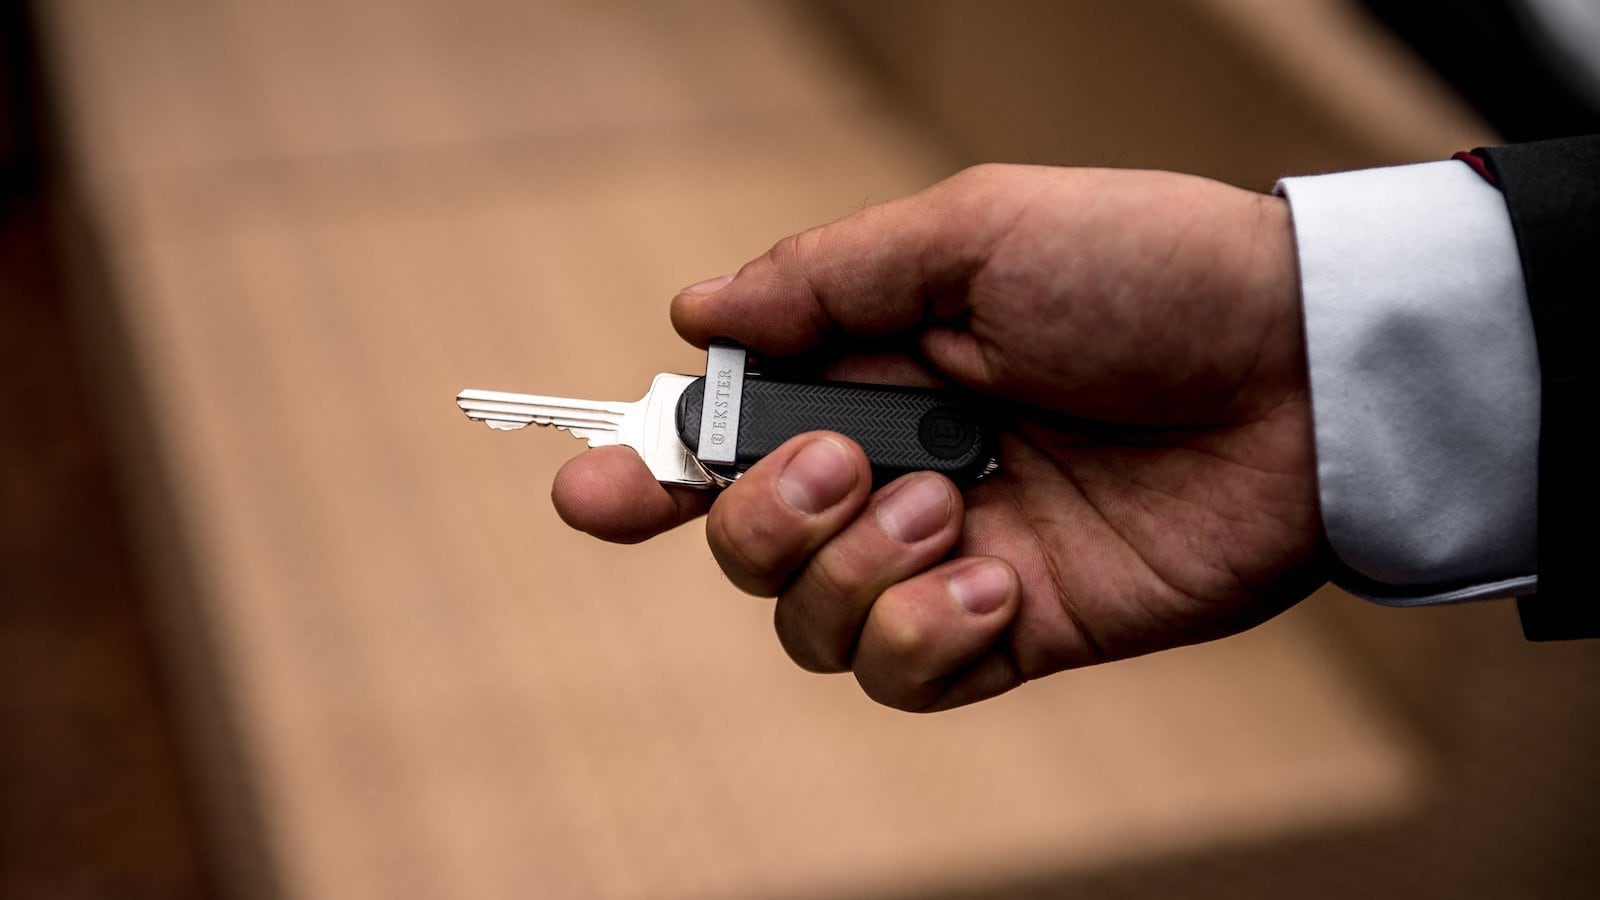 Ekster Compact Smart Key Holder